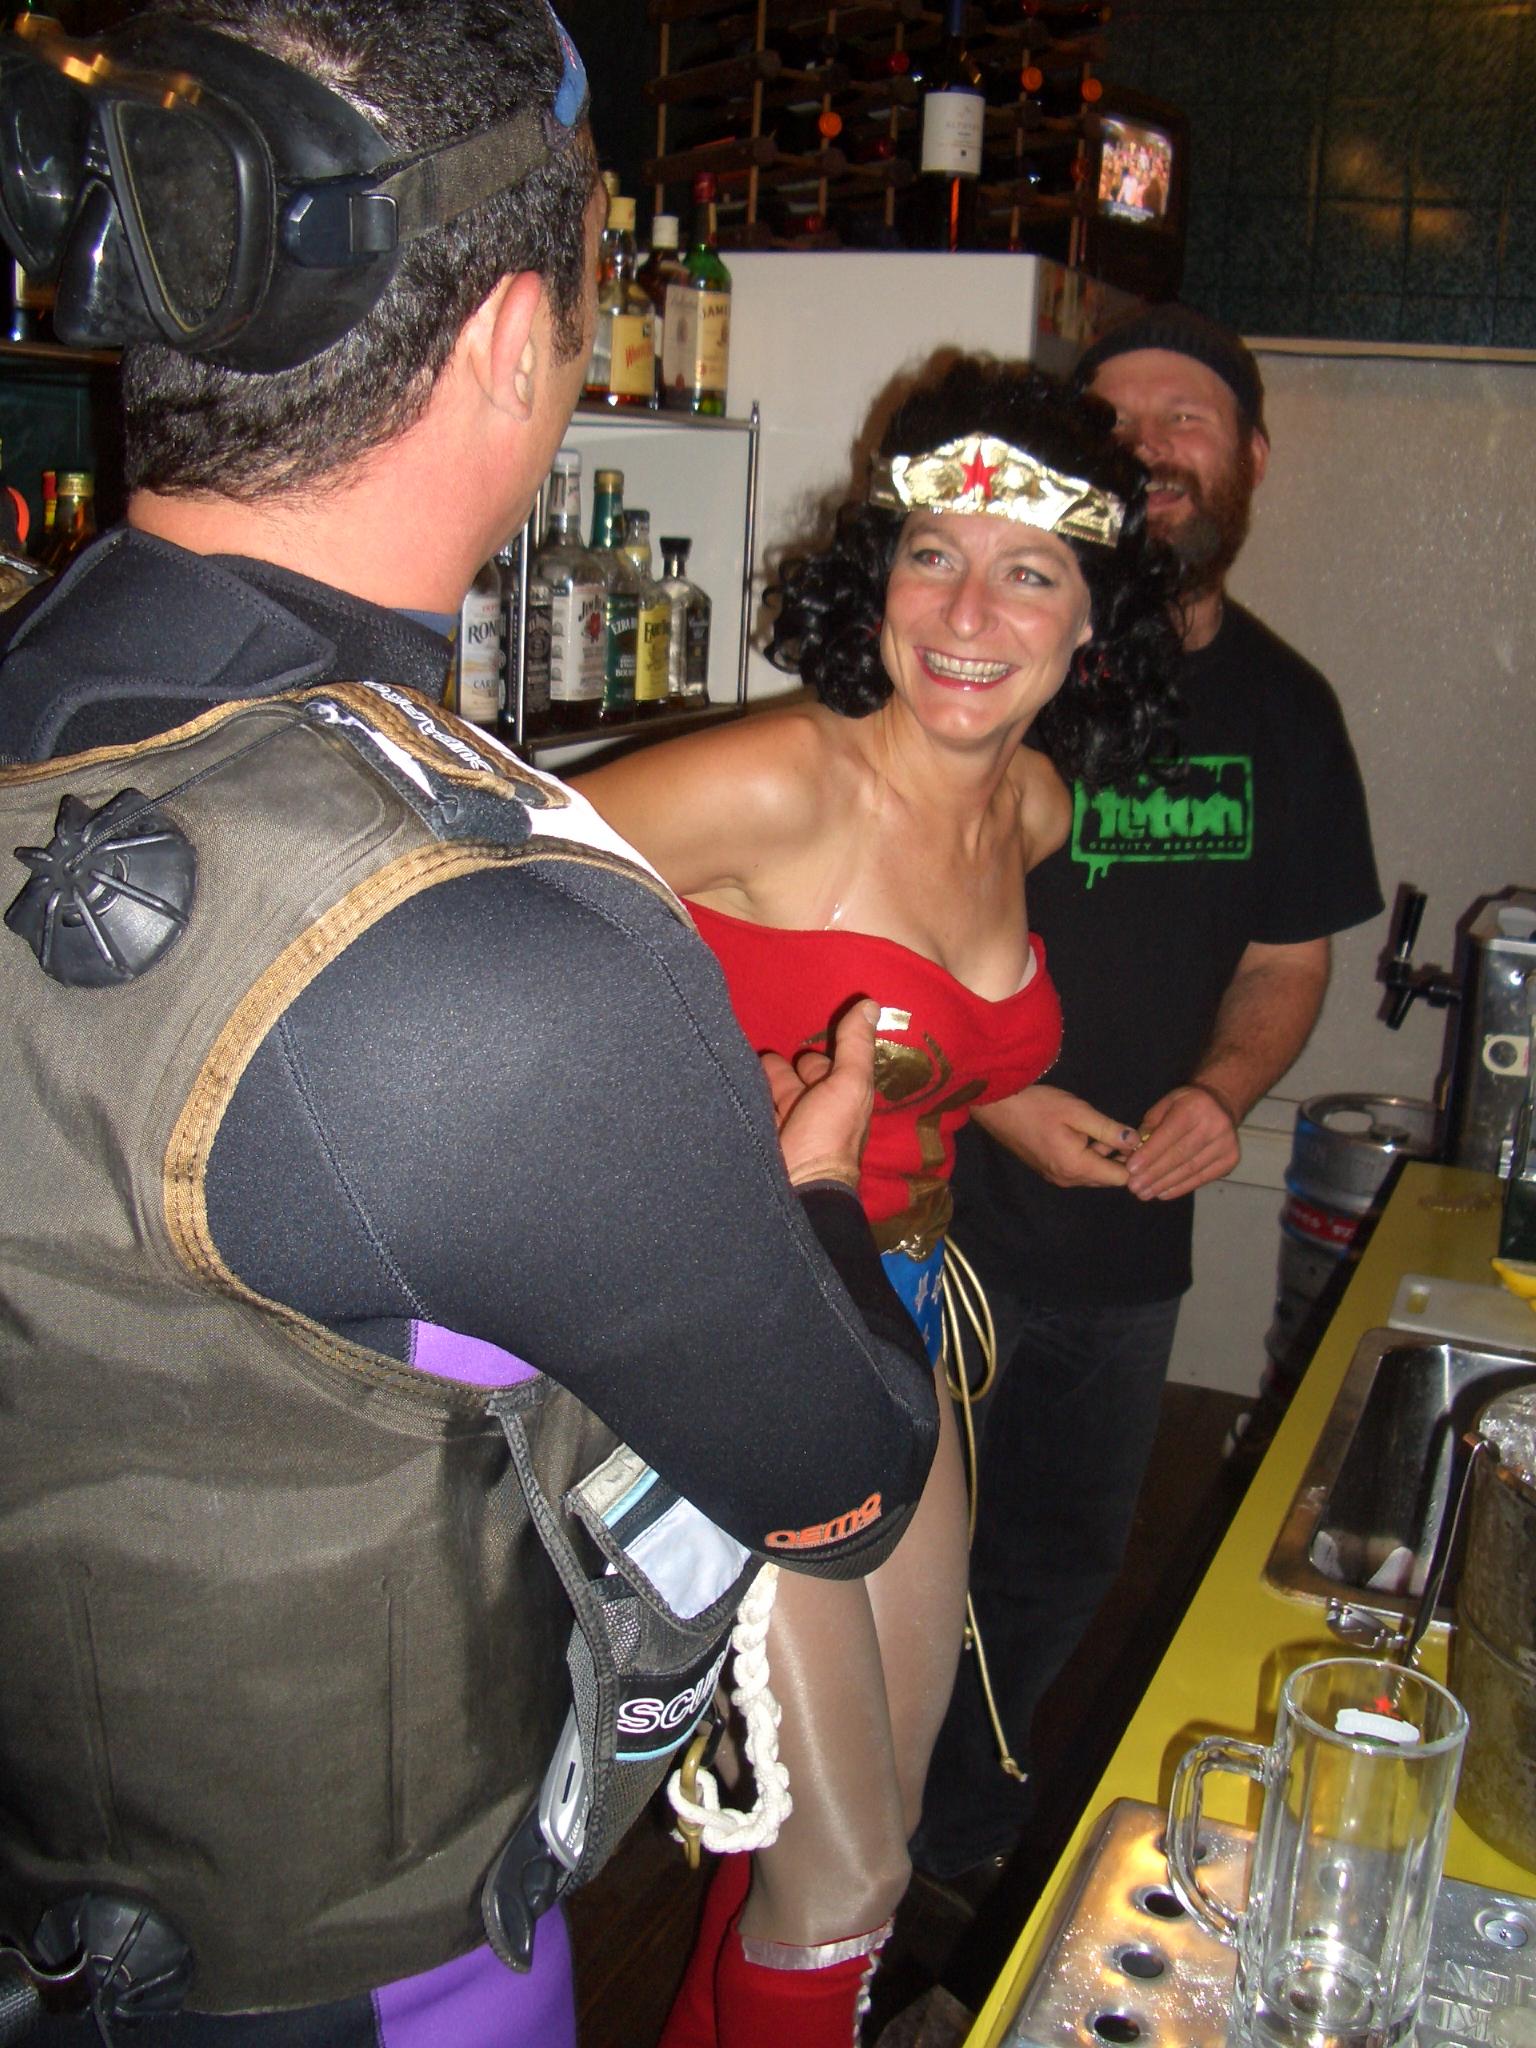 Diver takes on Wonderwoman